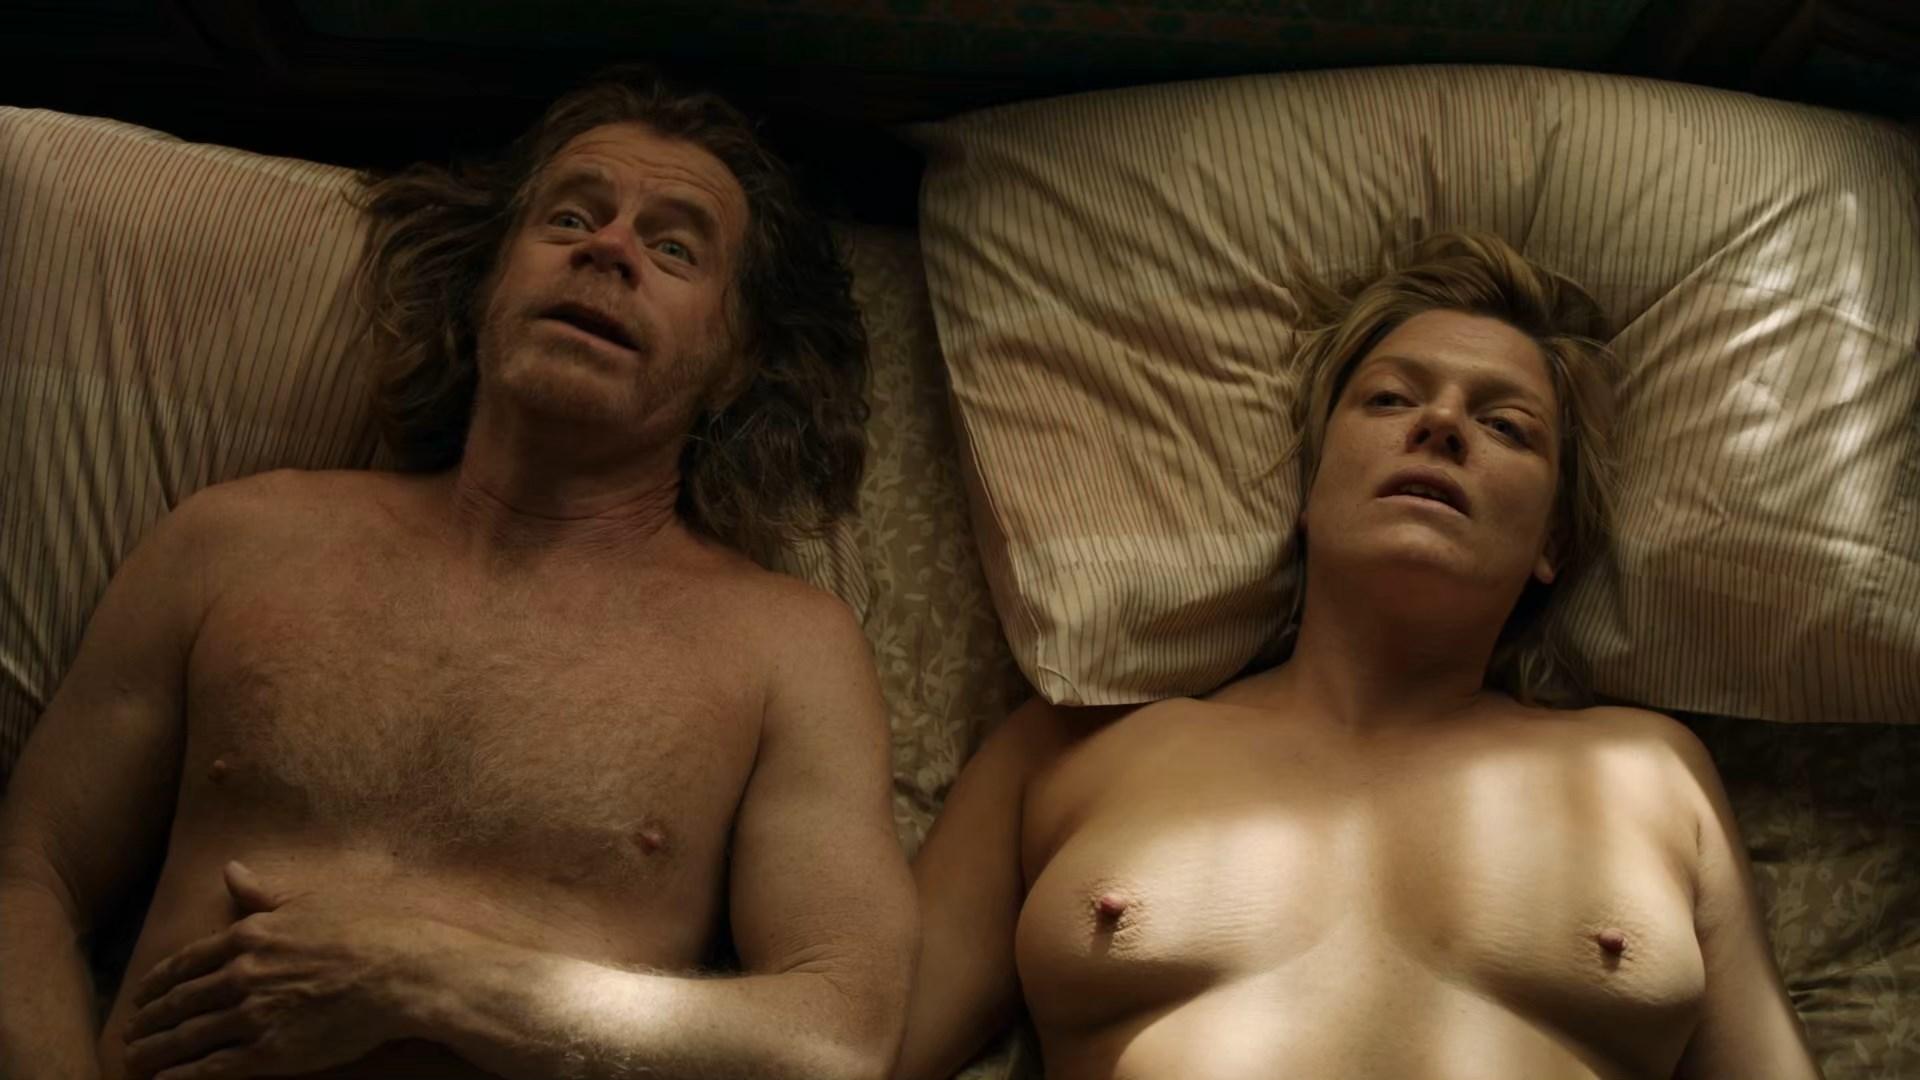 filma-emmi-erotika-sprey-eroticheskoe-vozbuzhdenie